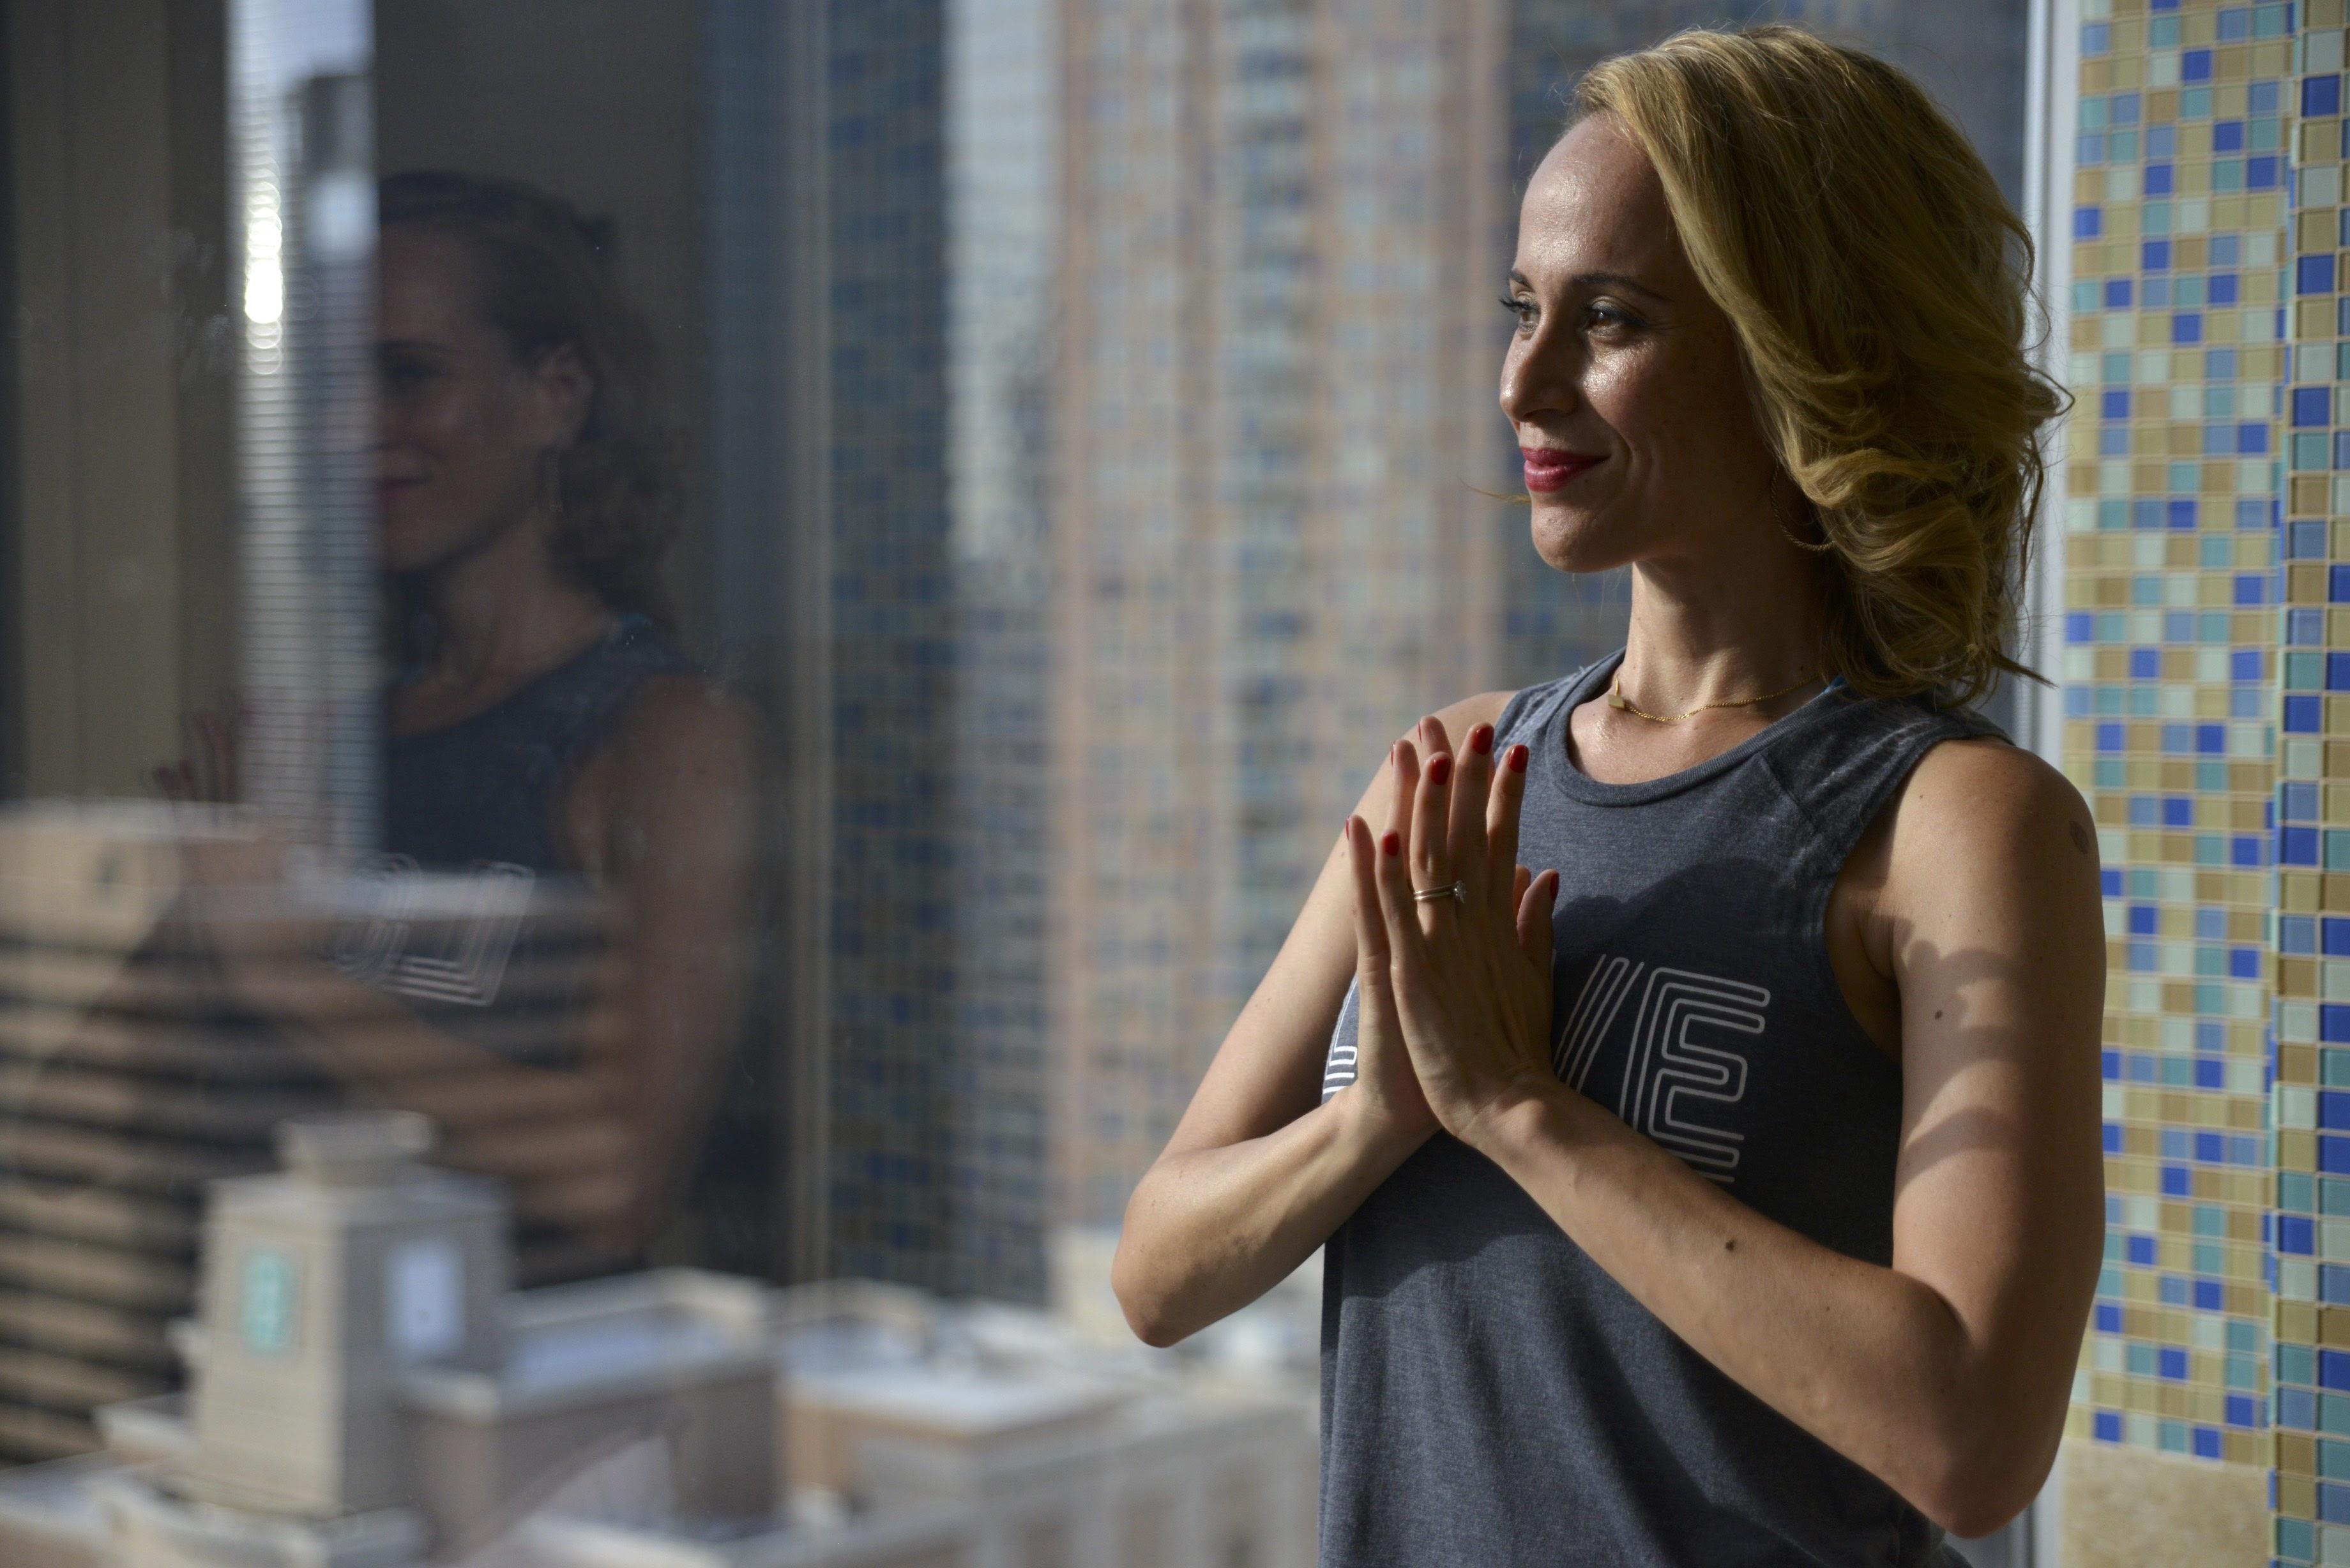 yoga profile photo